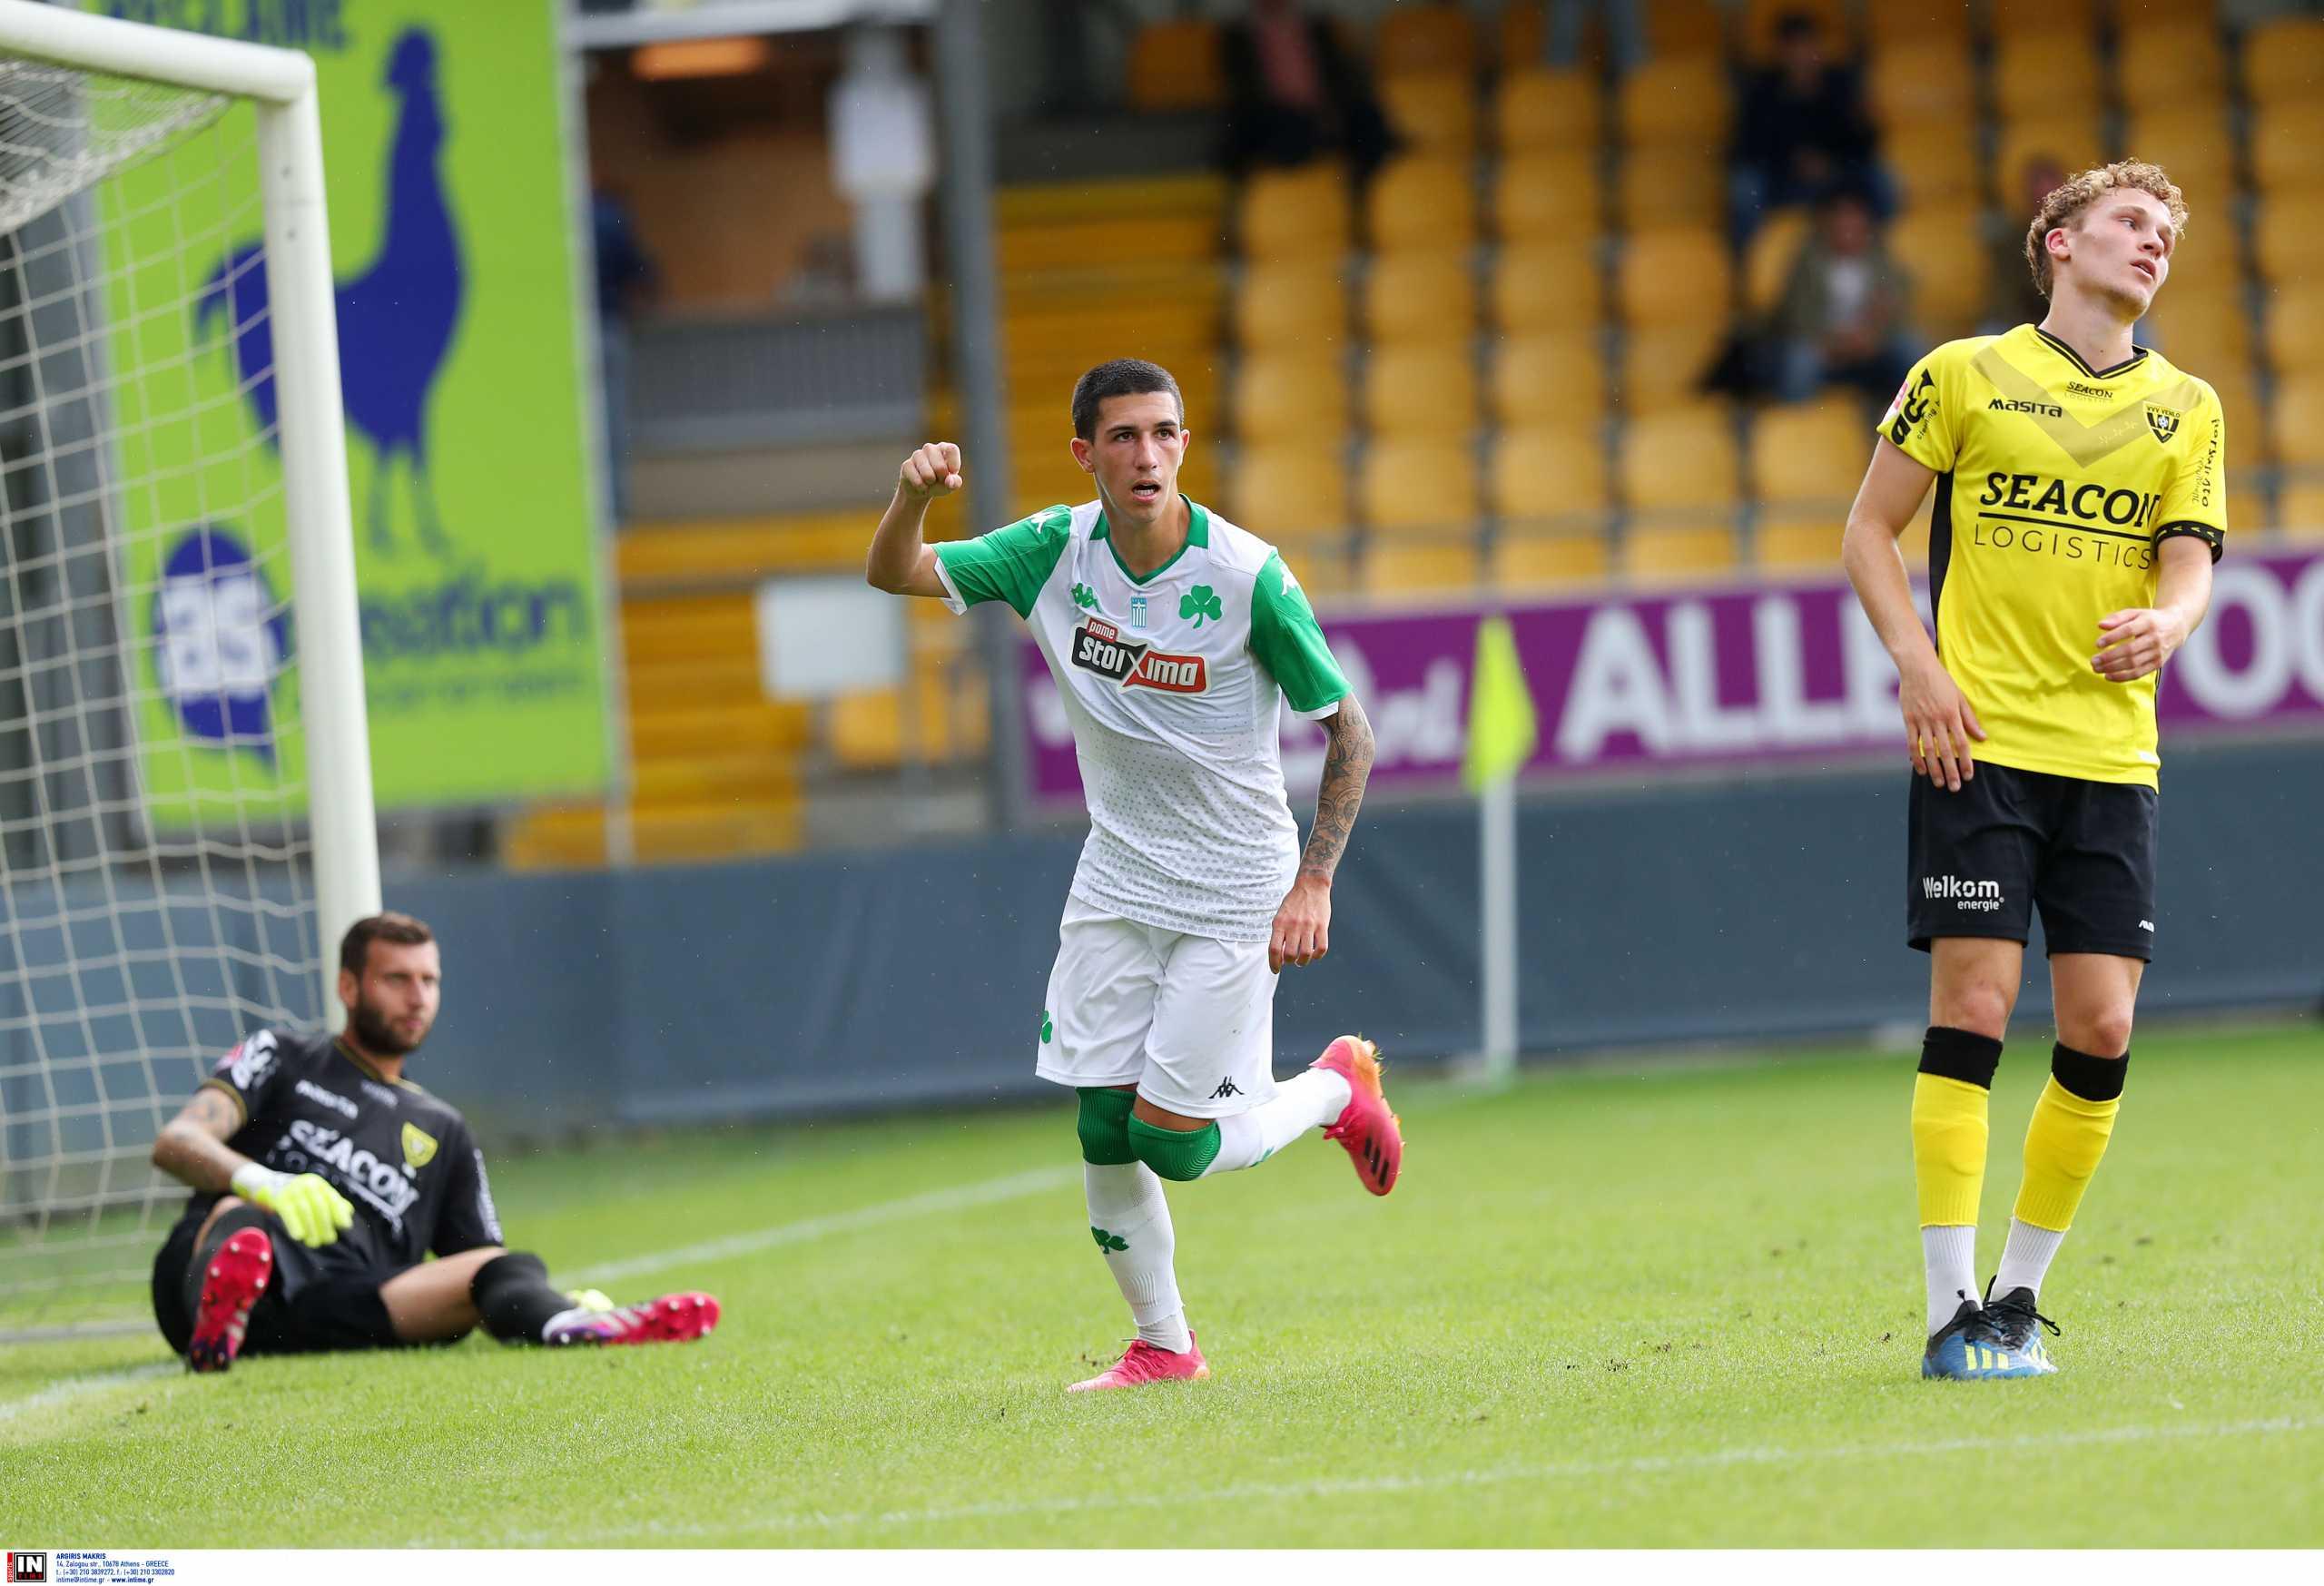 Φένλο – Παναθηναϊκός 2-2: Στα πέναλτι πήρε τη φιλική νίκη το Τριφύλλι